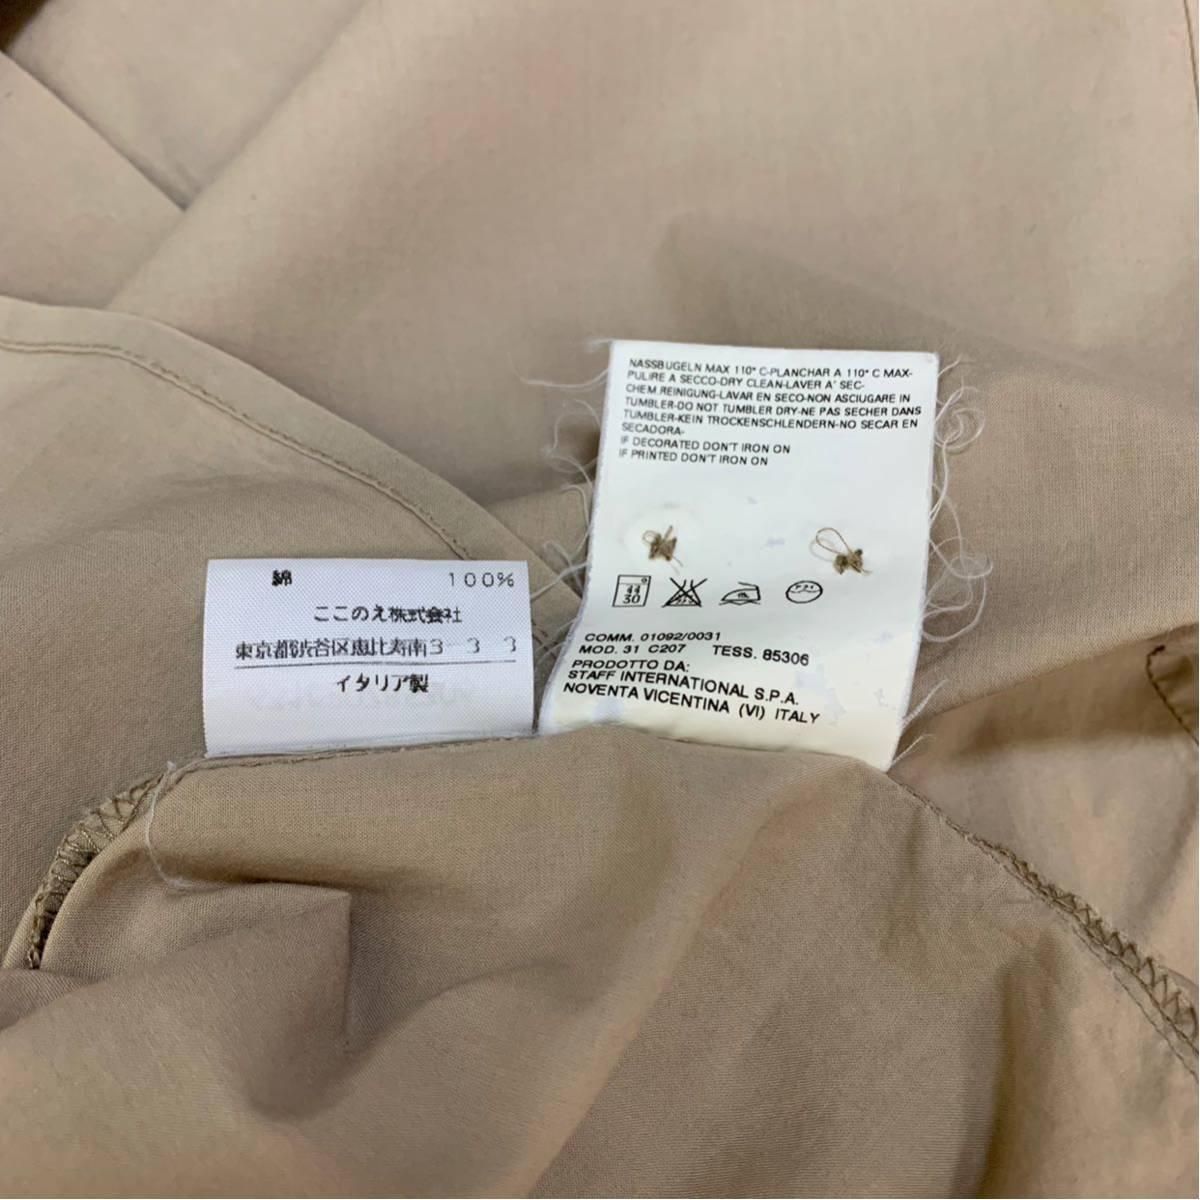 Martin Margiela 初期 変形カットオフシャツ 白タグ 2003SS アーティザナル Maison メゾンマルタンマルジェラ 1円スタート レディース _画像10